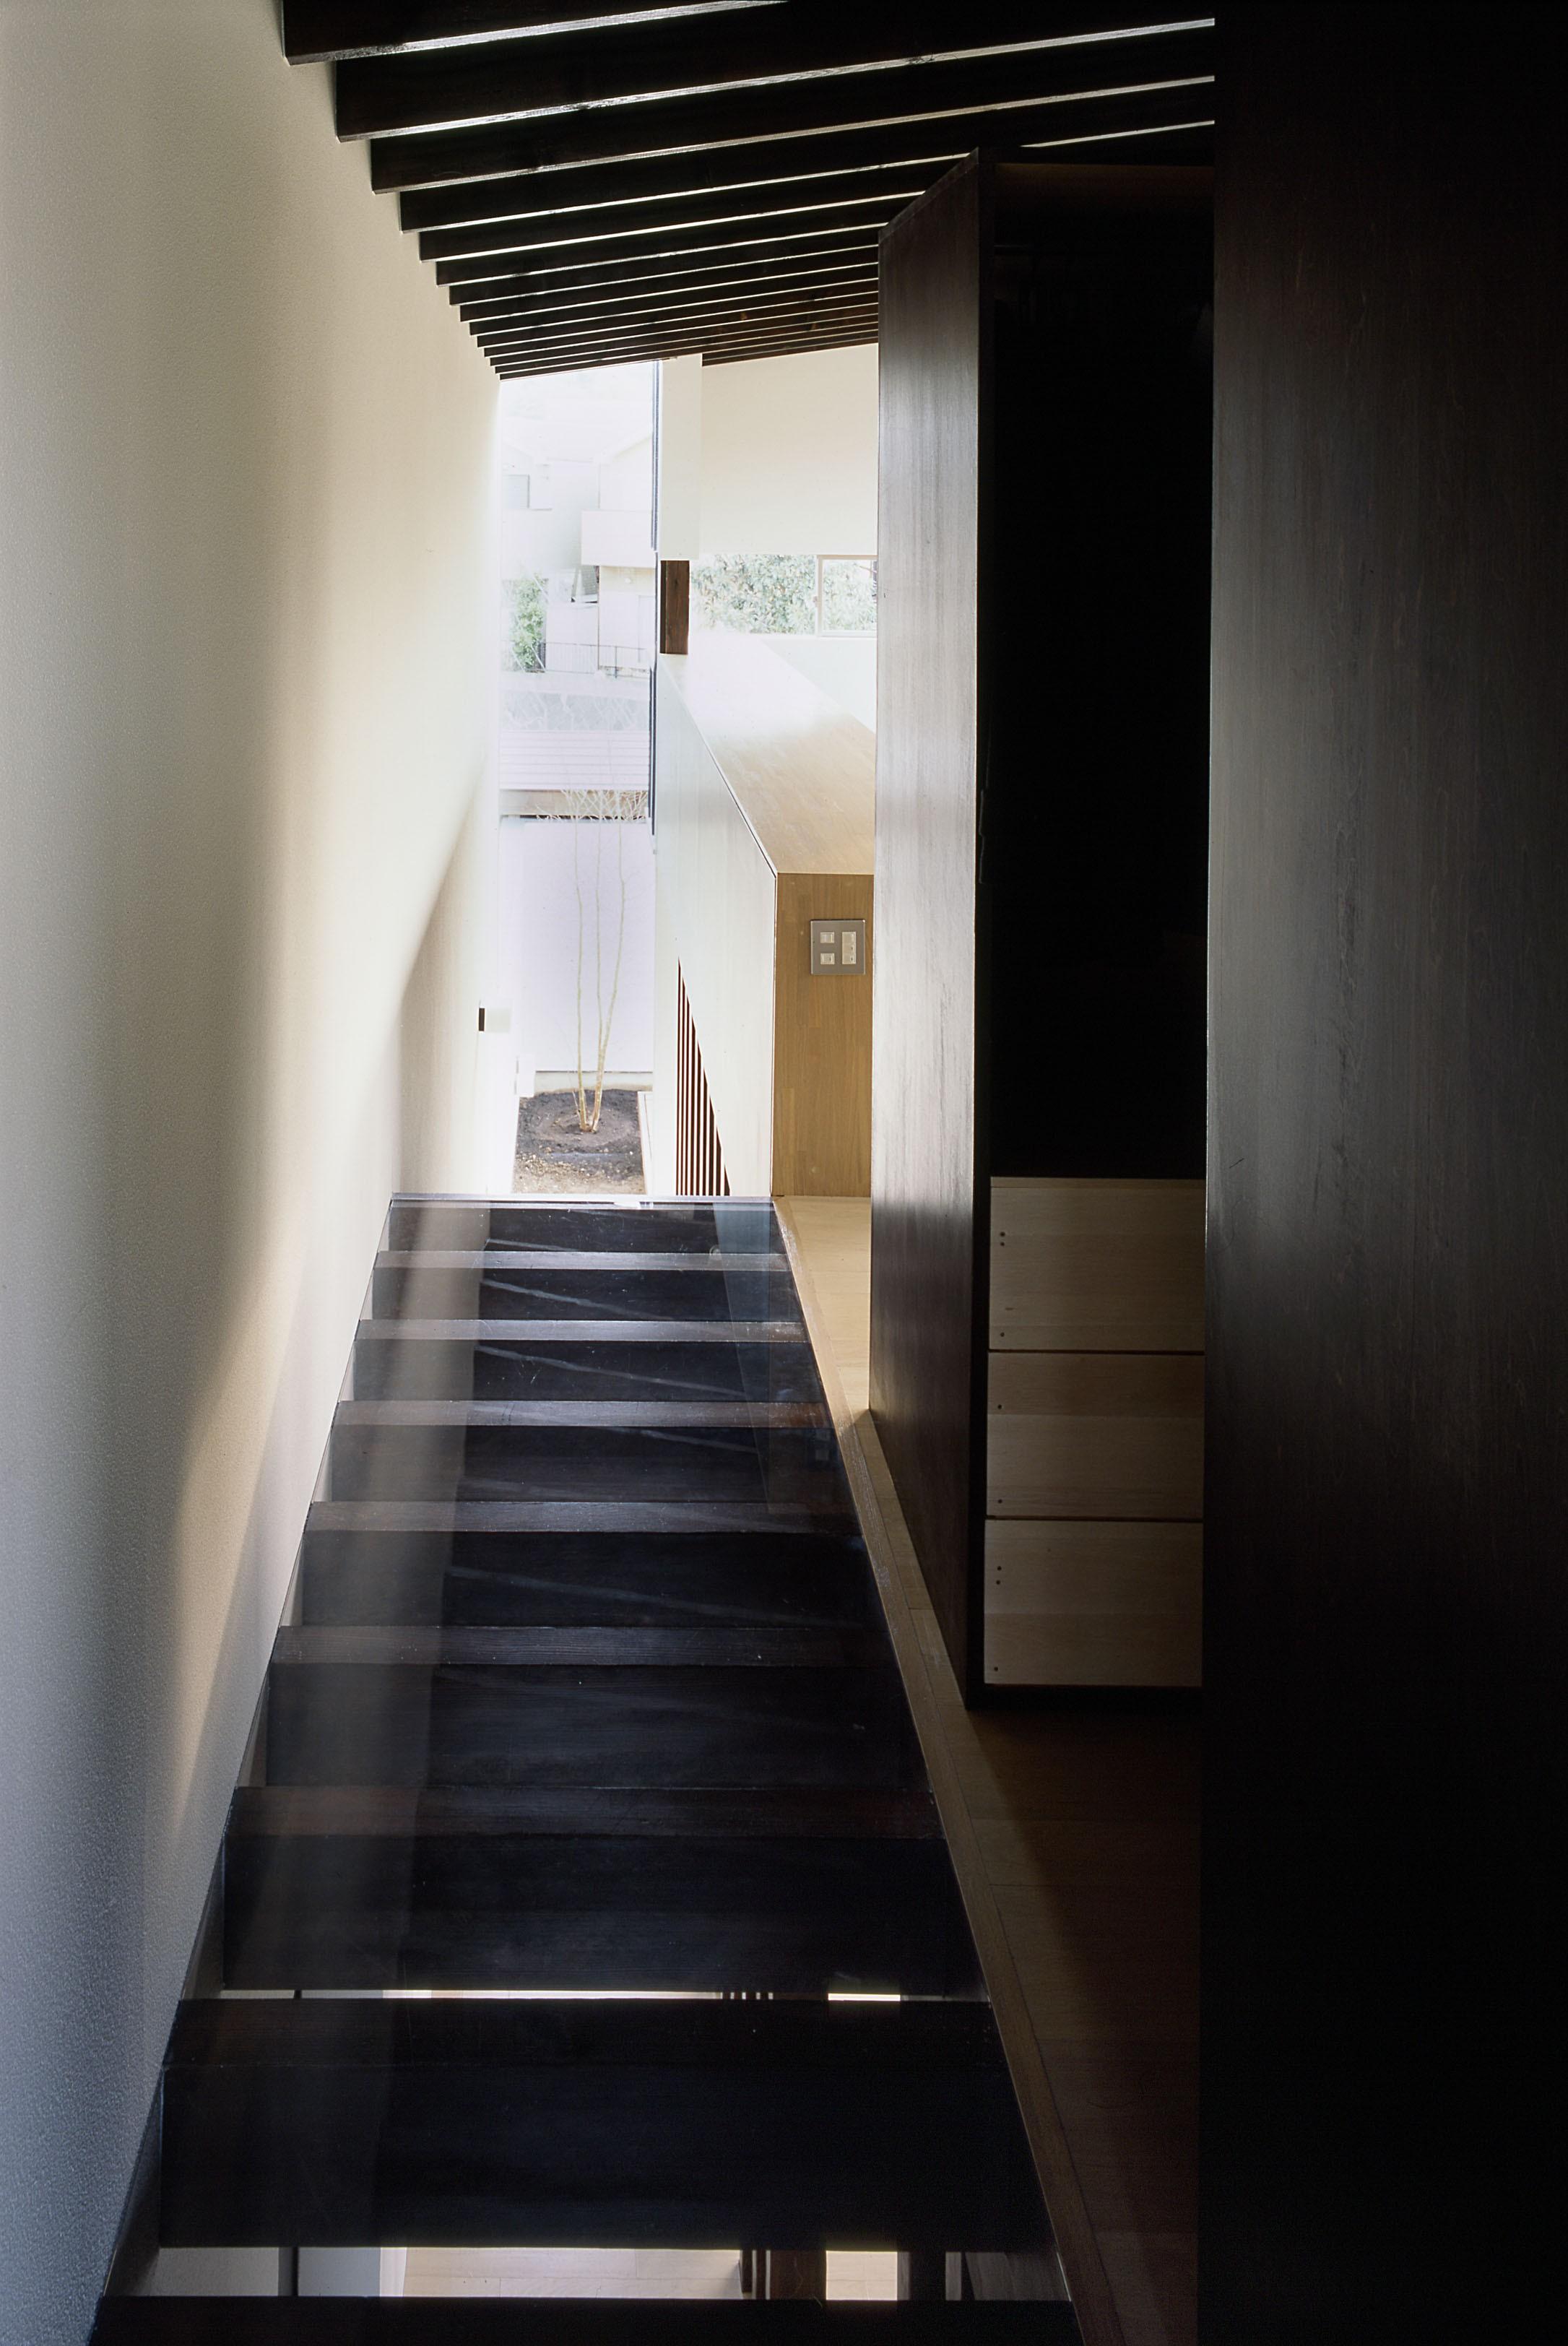 その他事例:階段・廊下(二階堂の家)